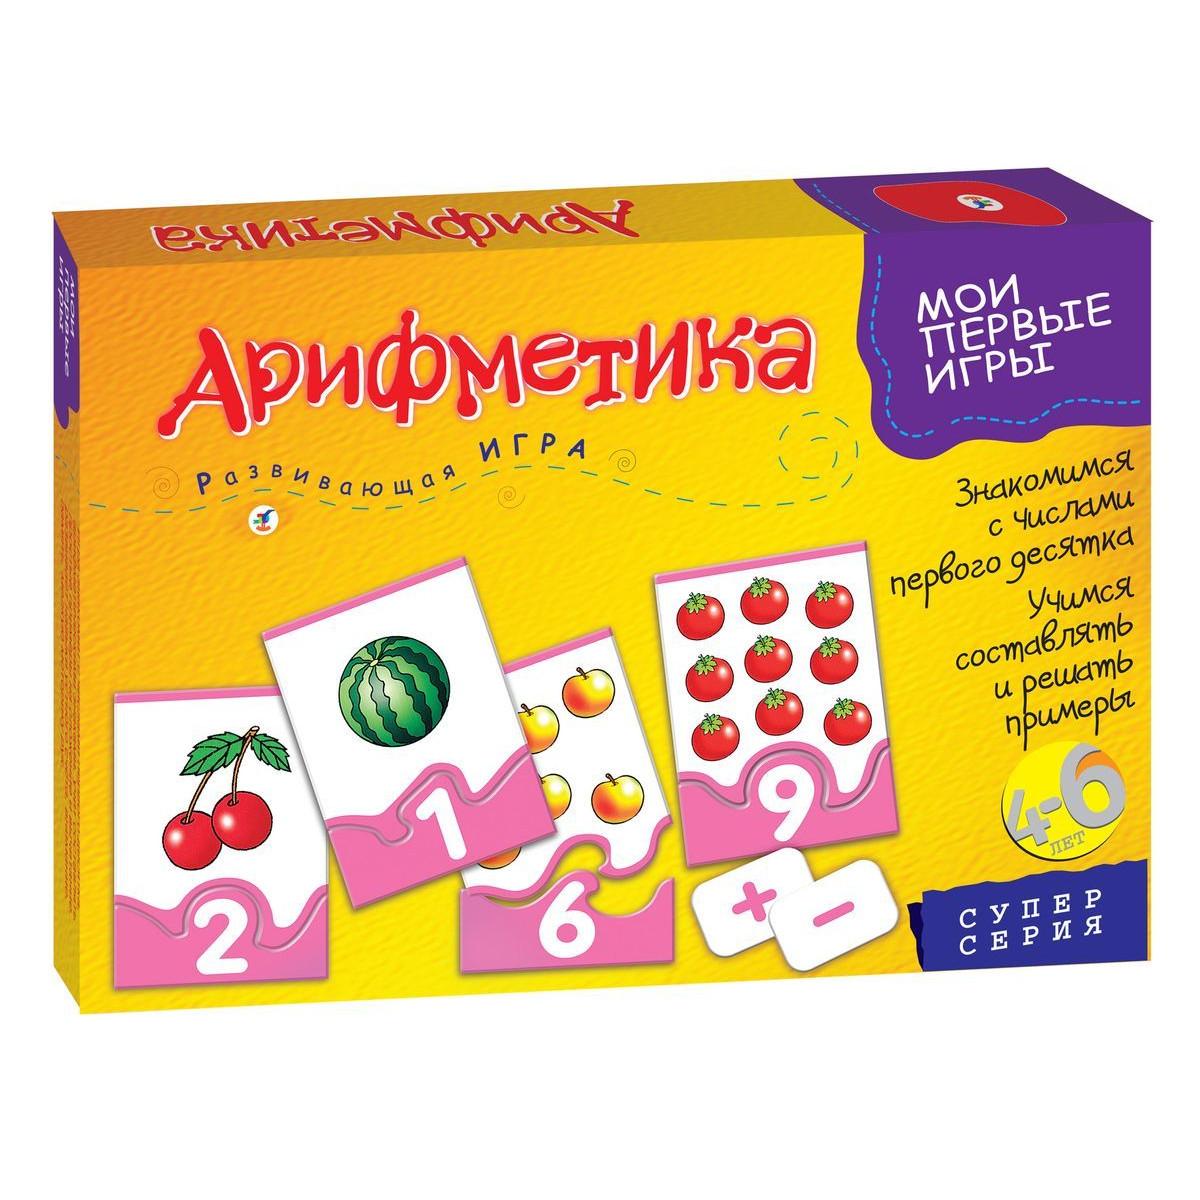 Игра настольная из серии Мои первые игры - АрифметикаДля самых маленьких<br>Игра настольная из серии Мои первые игры - Арифметика<br>